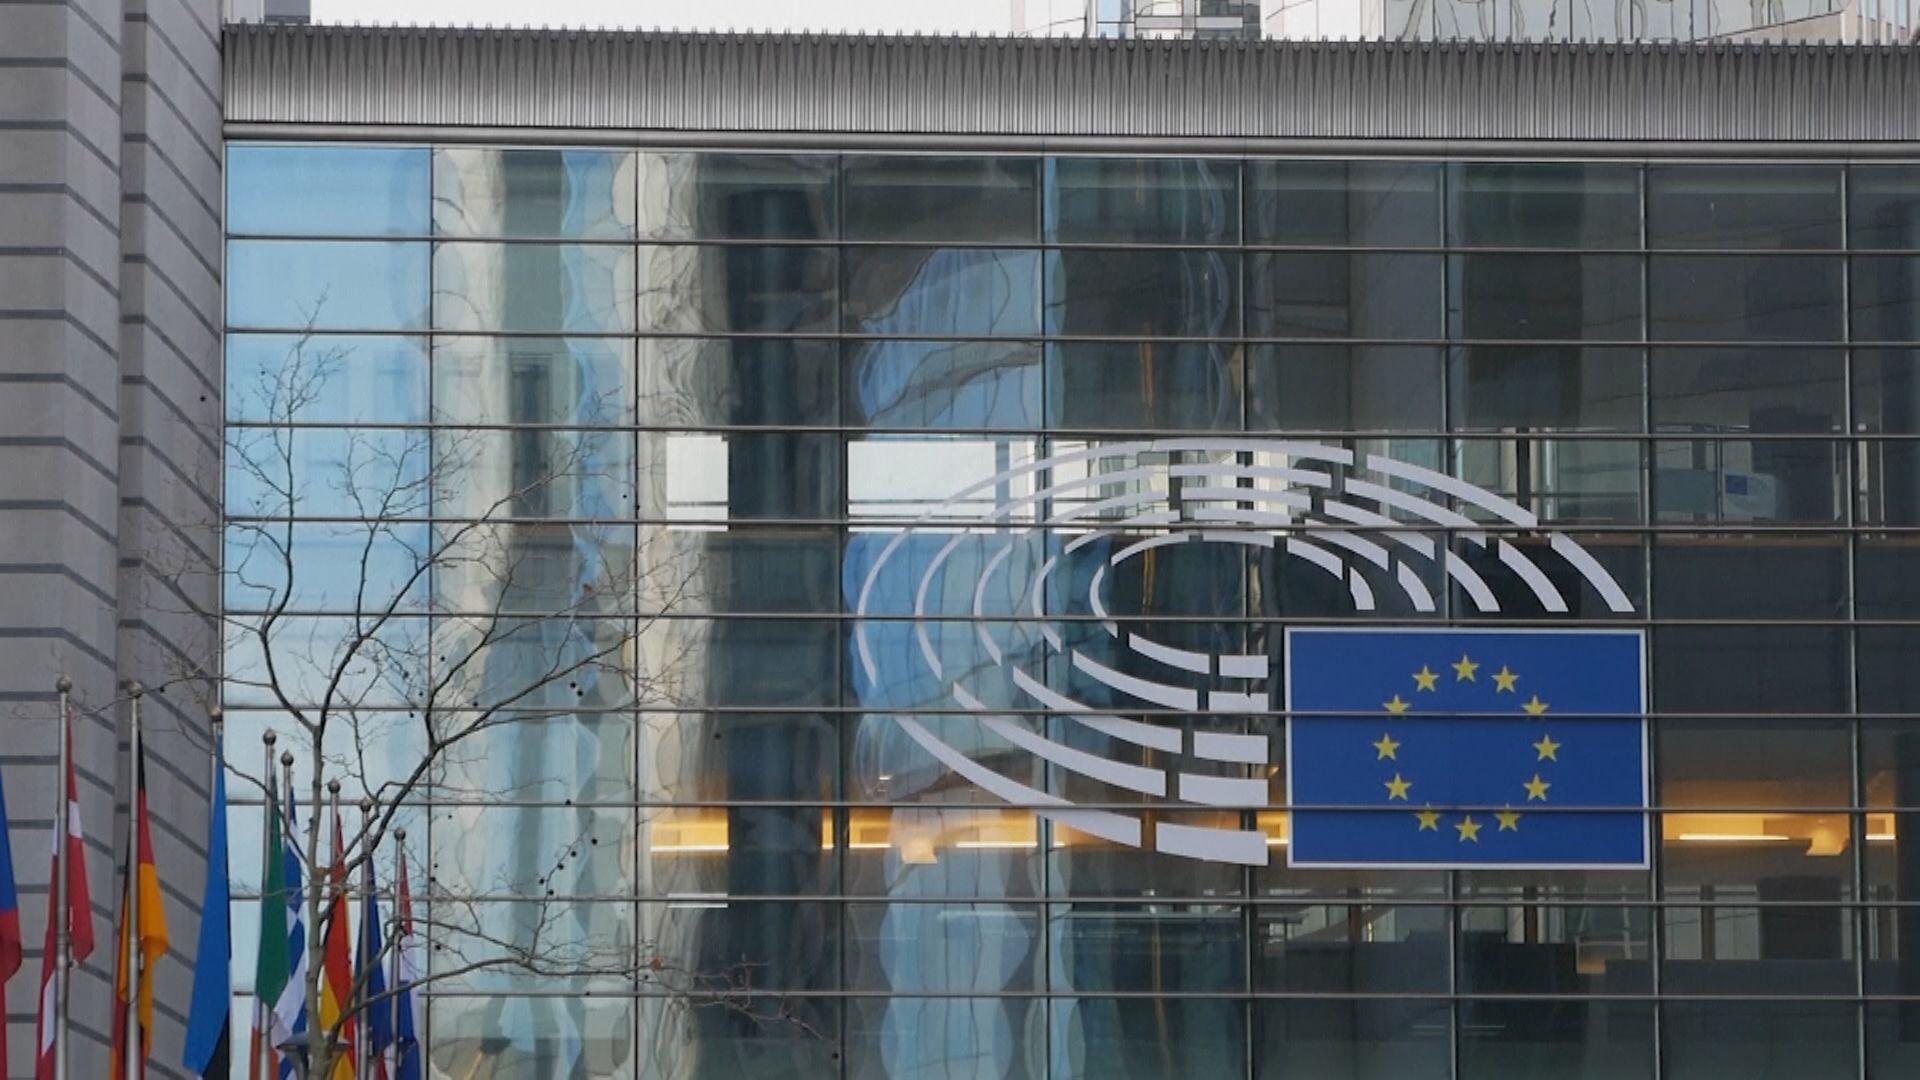 歐盟叫停批准中歐投資協定